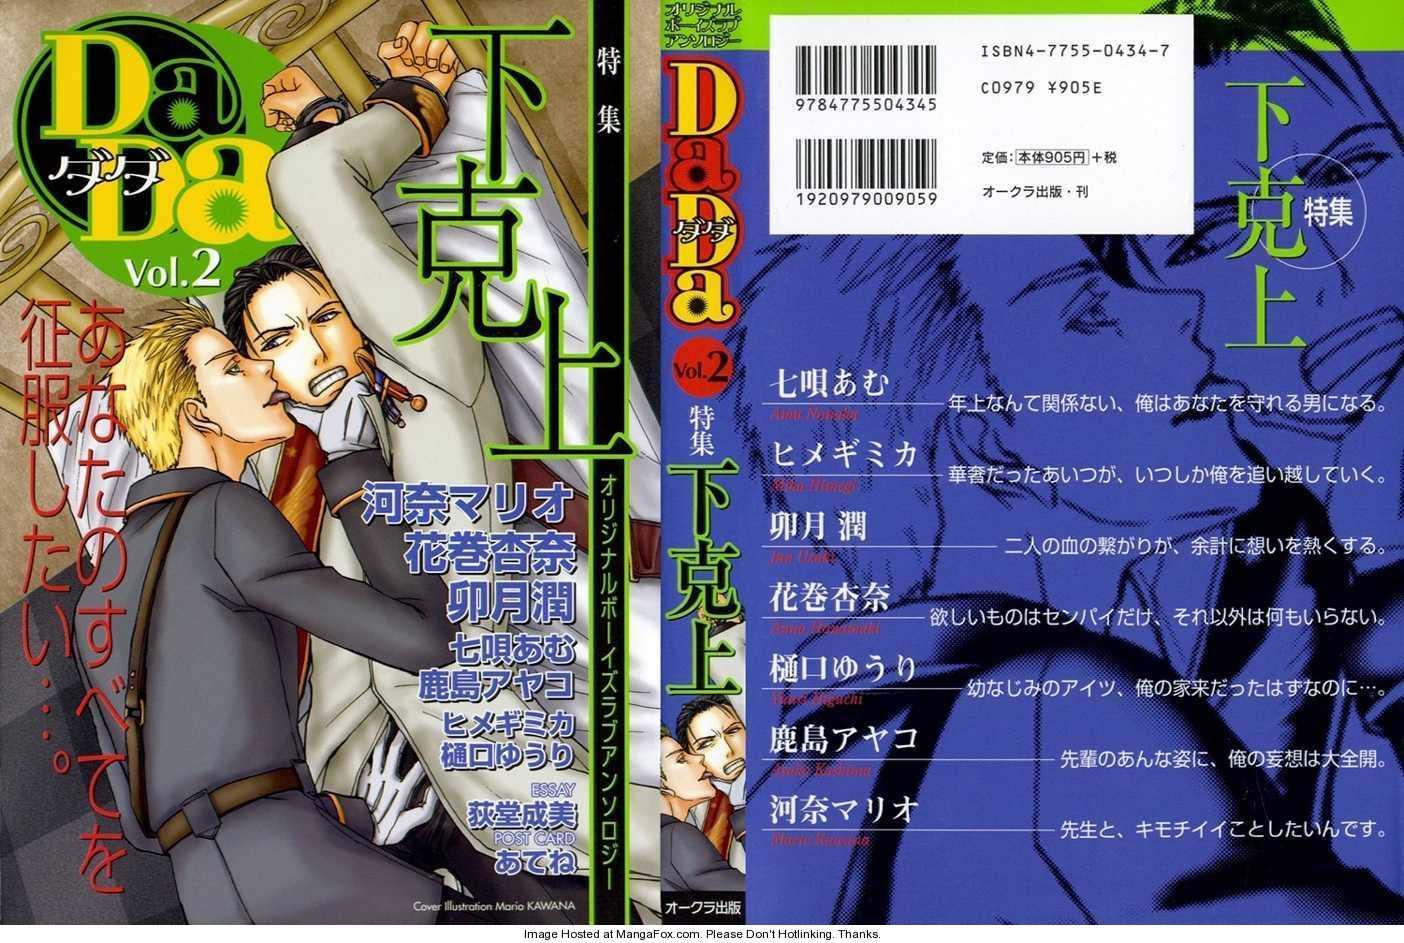 Kaze ni Chiru Hanabira to Kisu 1 Page 1